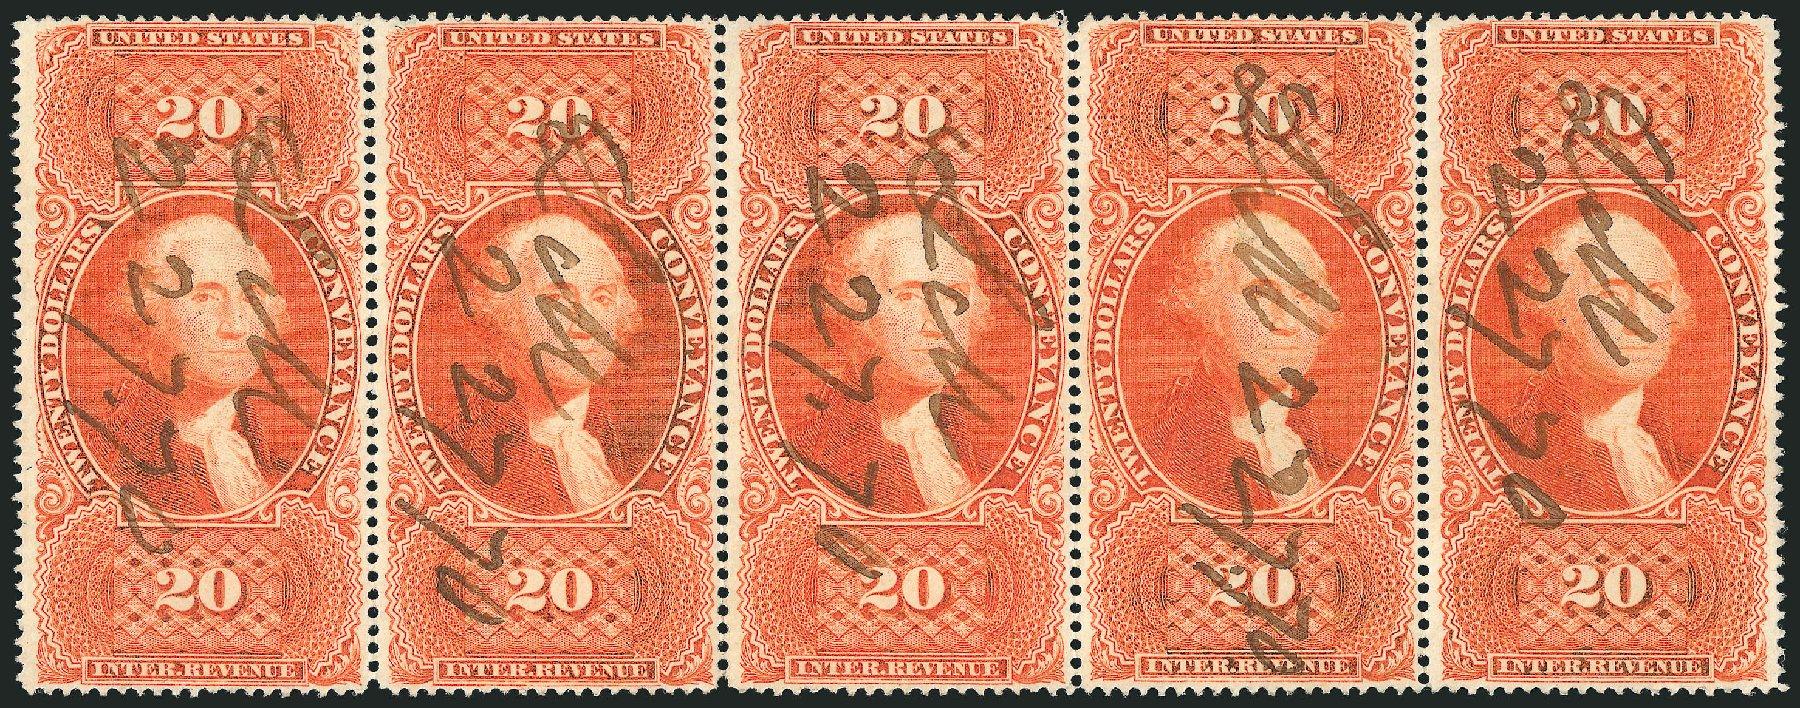 Costs of US Stamps Scott Catalogue #R98: US$20.00 1862 Revenue Conveyance. Robert Siegel Auction Galleries, Dec 2014, Sale 1089, Lot 463